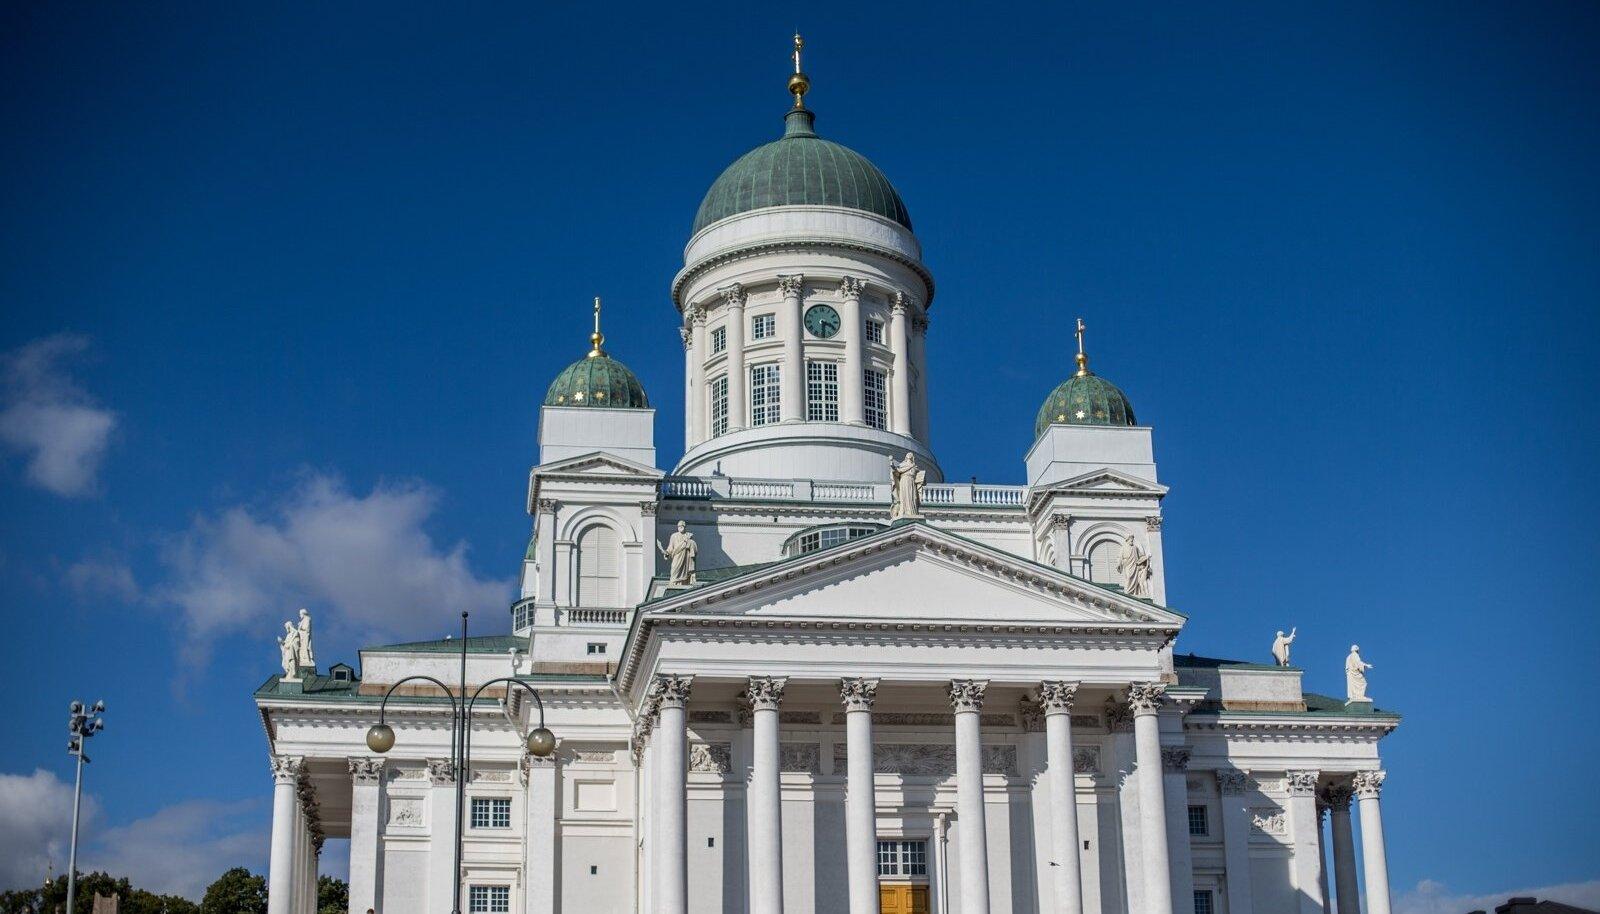 Helsingi toomkirik